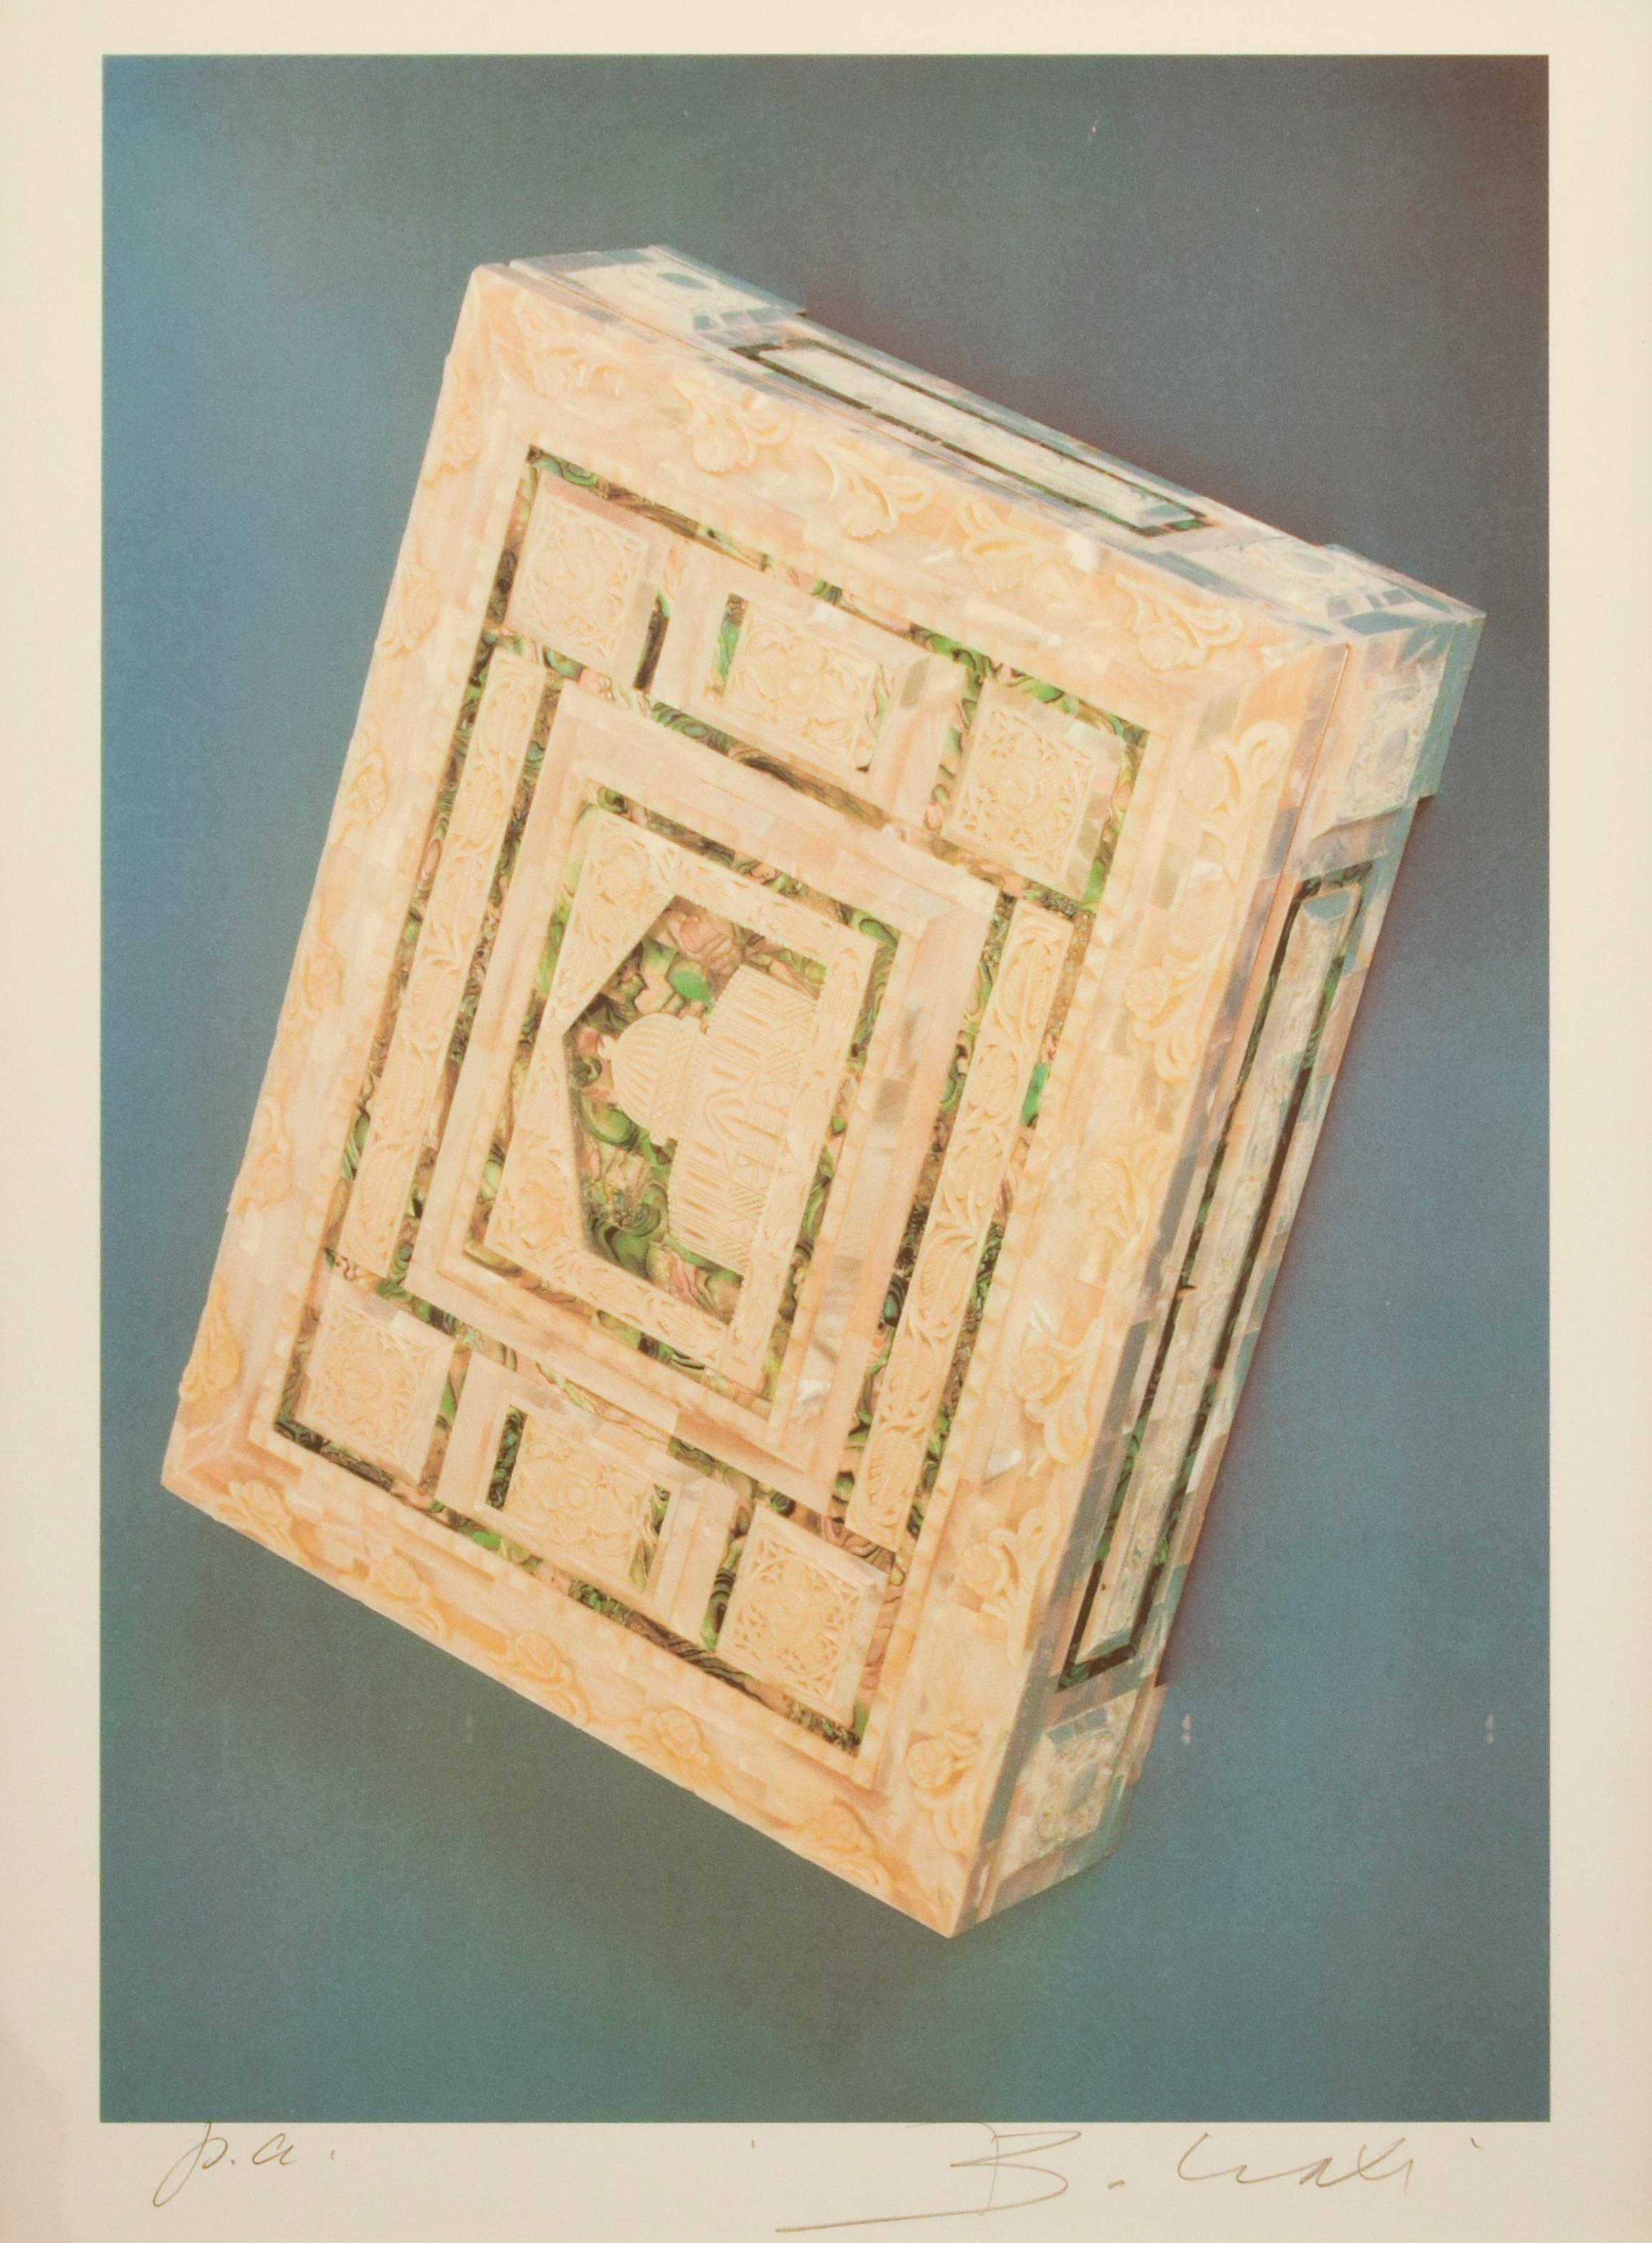 The Riffinato Casket - Original Screen Print by Bettino Craxi - 1989